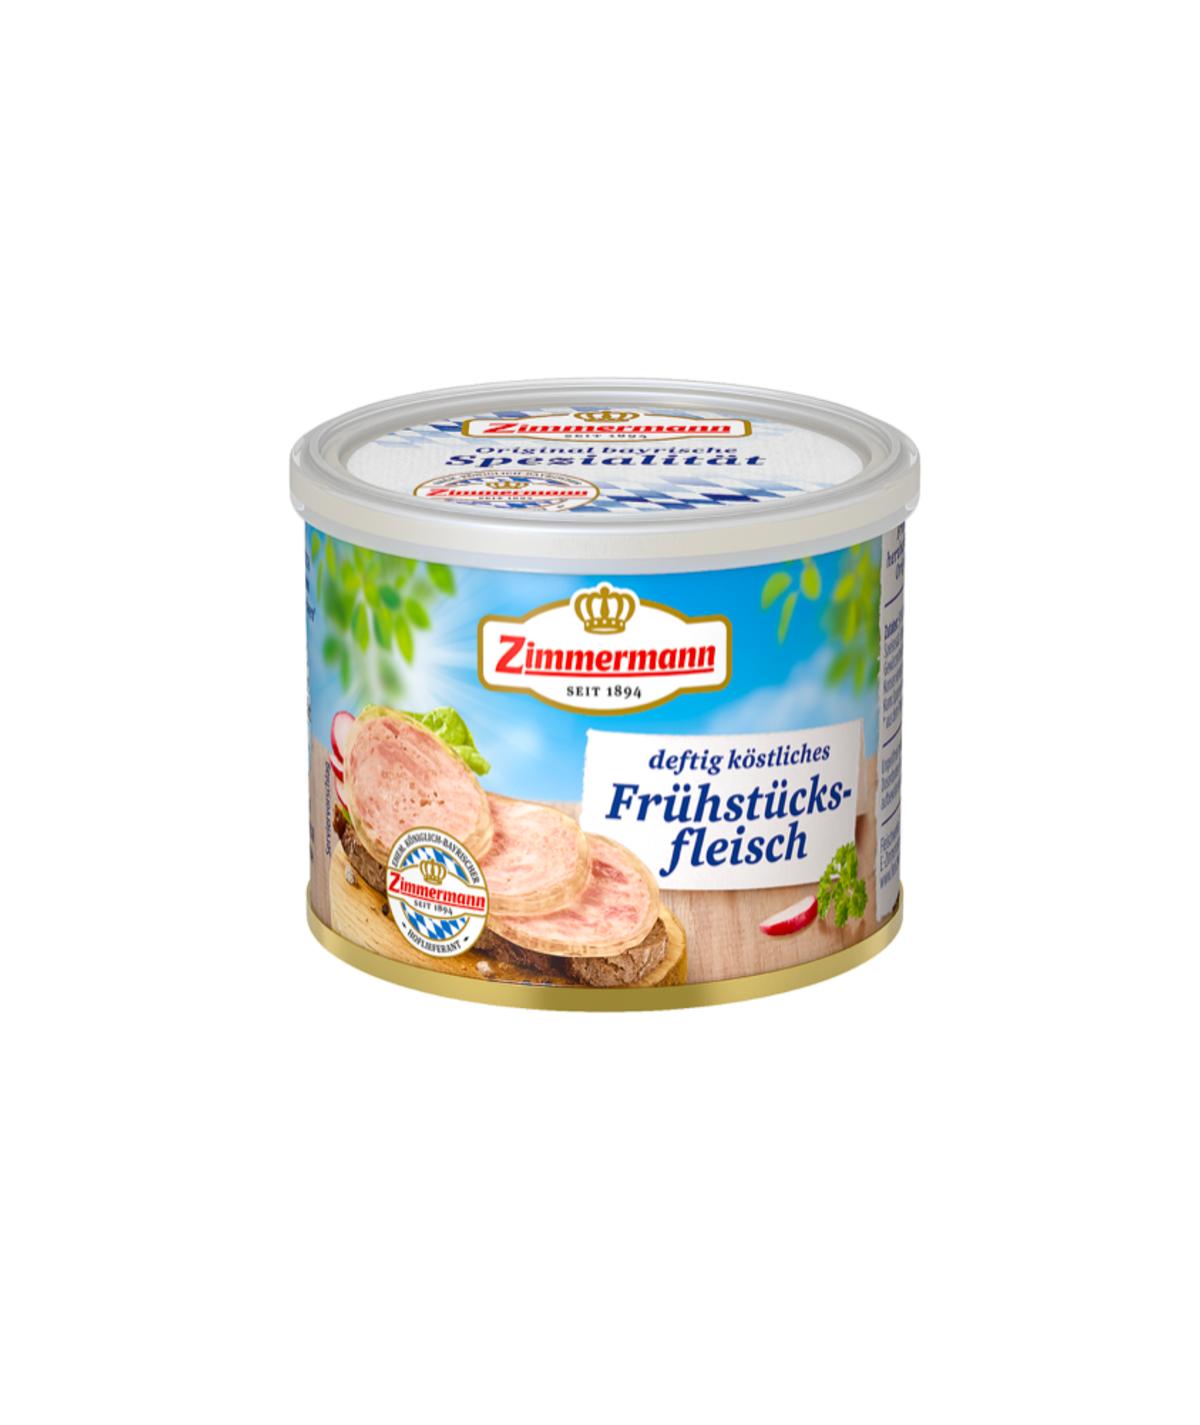 Frühstücksfleich Zimmermann - 200g